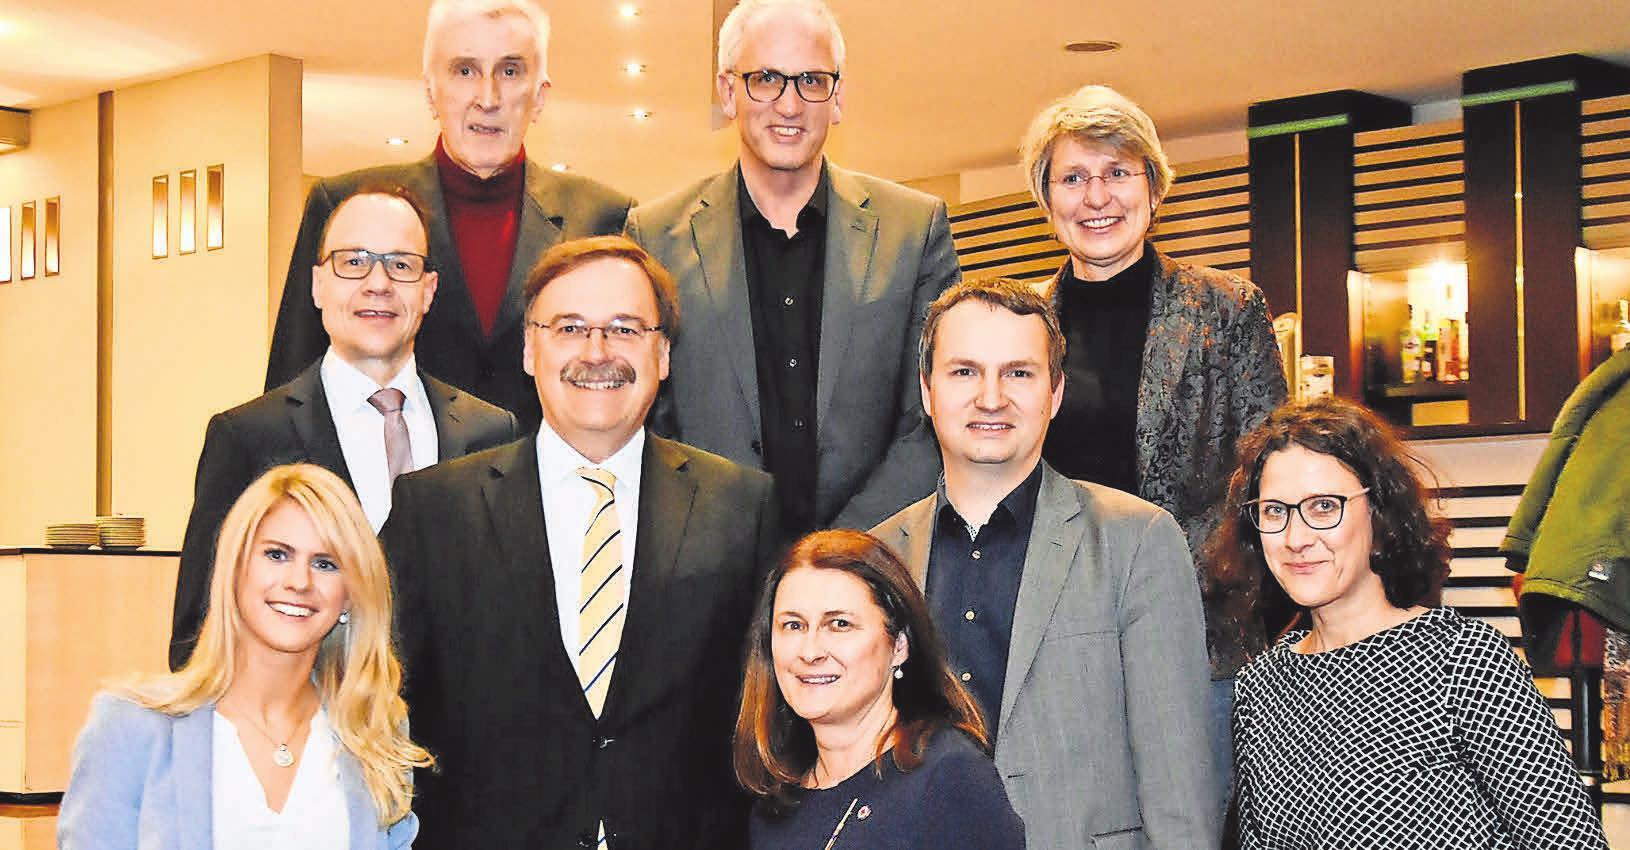 Archivbild von der Gründungsversammlung des Fördervereins für das Kinder- und Jugendhospiz Sternenlichter (2018). FOTO: HINZMANN